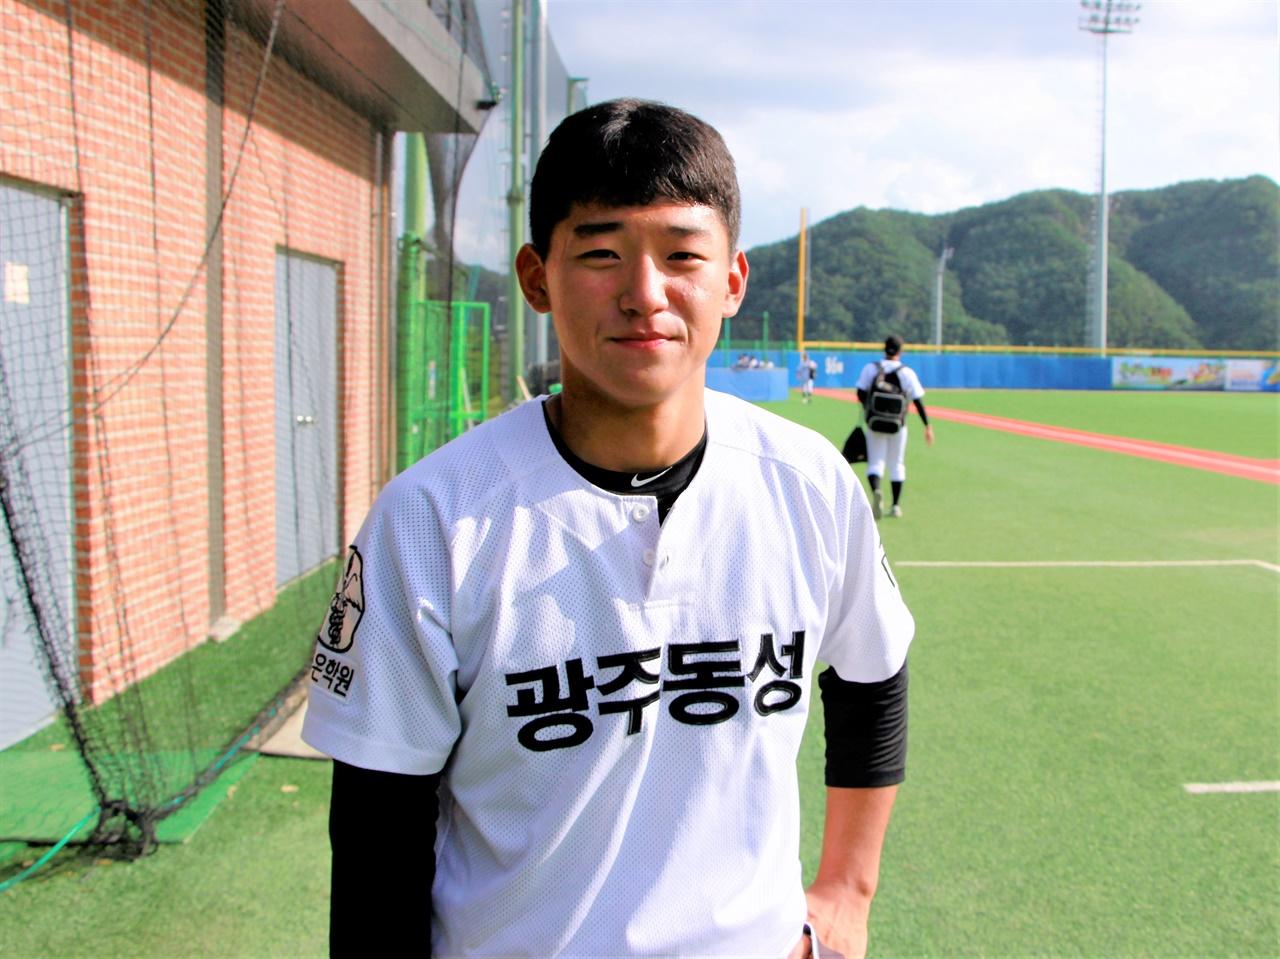 광주 지역 1차지명을 두고 벌어진 '문-김대전'의 승자는 광주동성고 김도영 선수가 되었다.